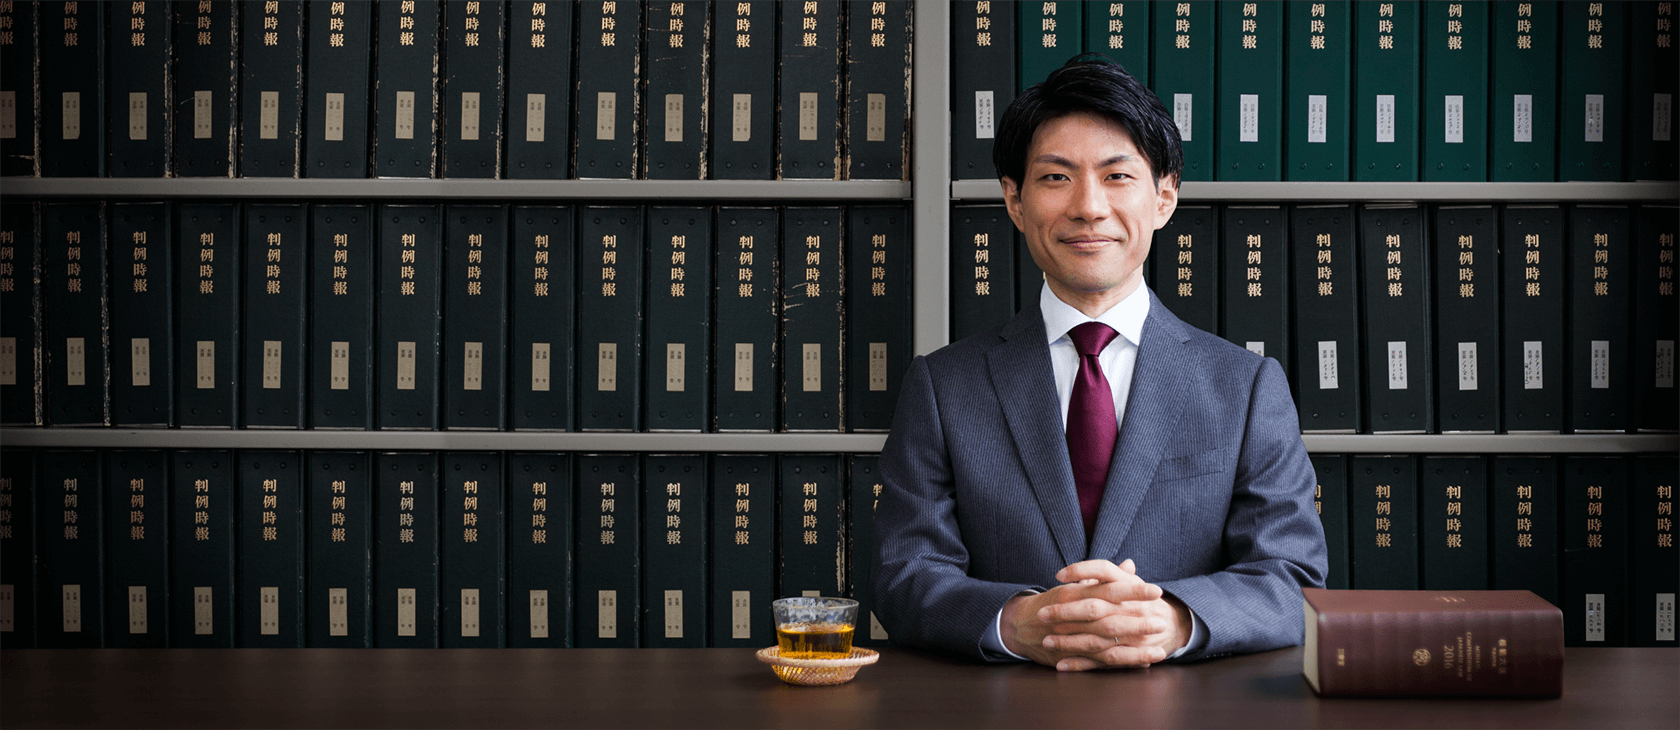 ヘッダー画像 - 弁護士 金子 剛(渋谷法律事務所・東京弁護士会所属)